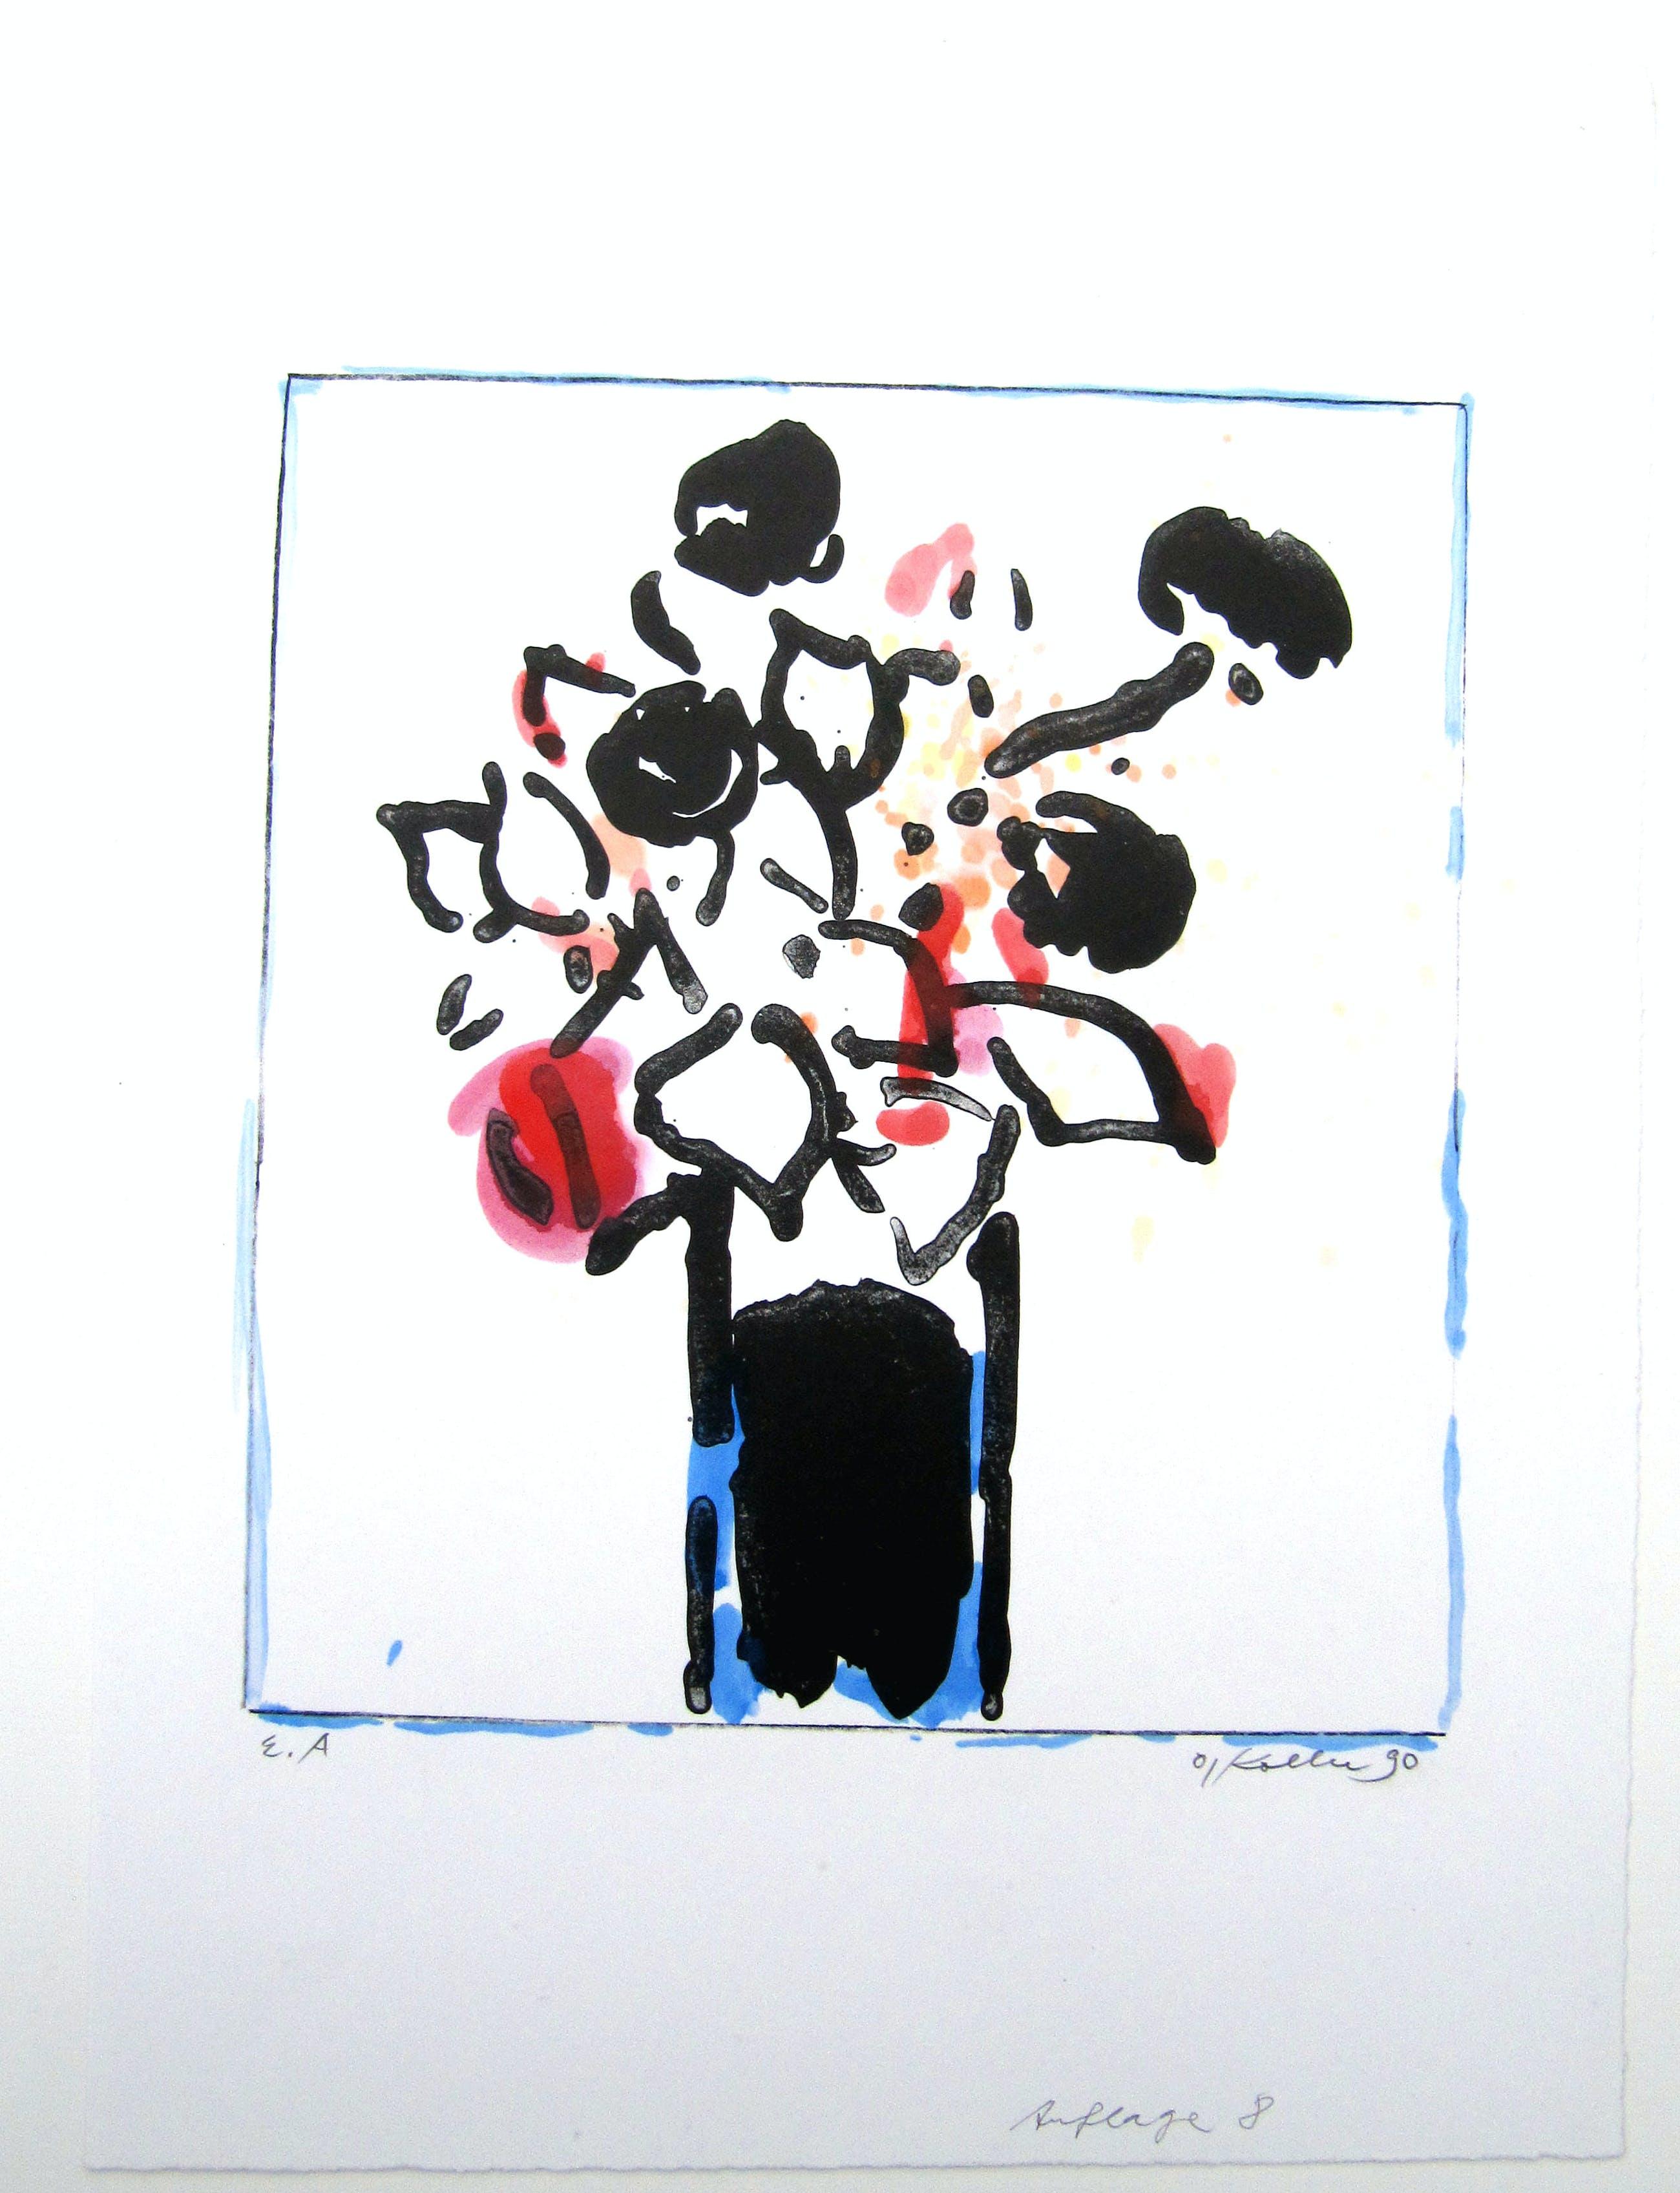 Oskar Koller - Blaue Vase Lithographie, handcoloriert, Expl. E.A. signiert O.Koller 90 kopen? Bied vanaf 190!